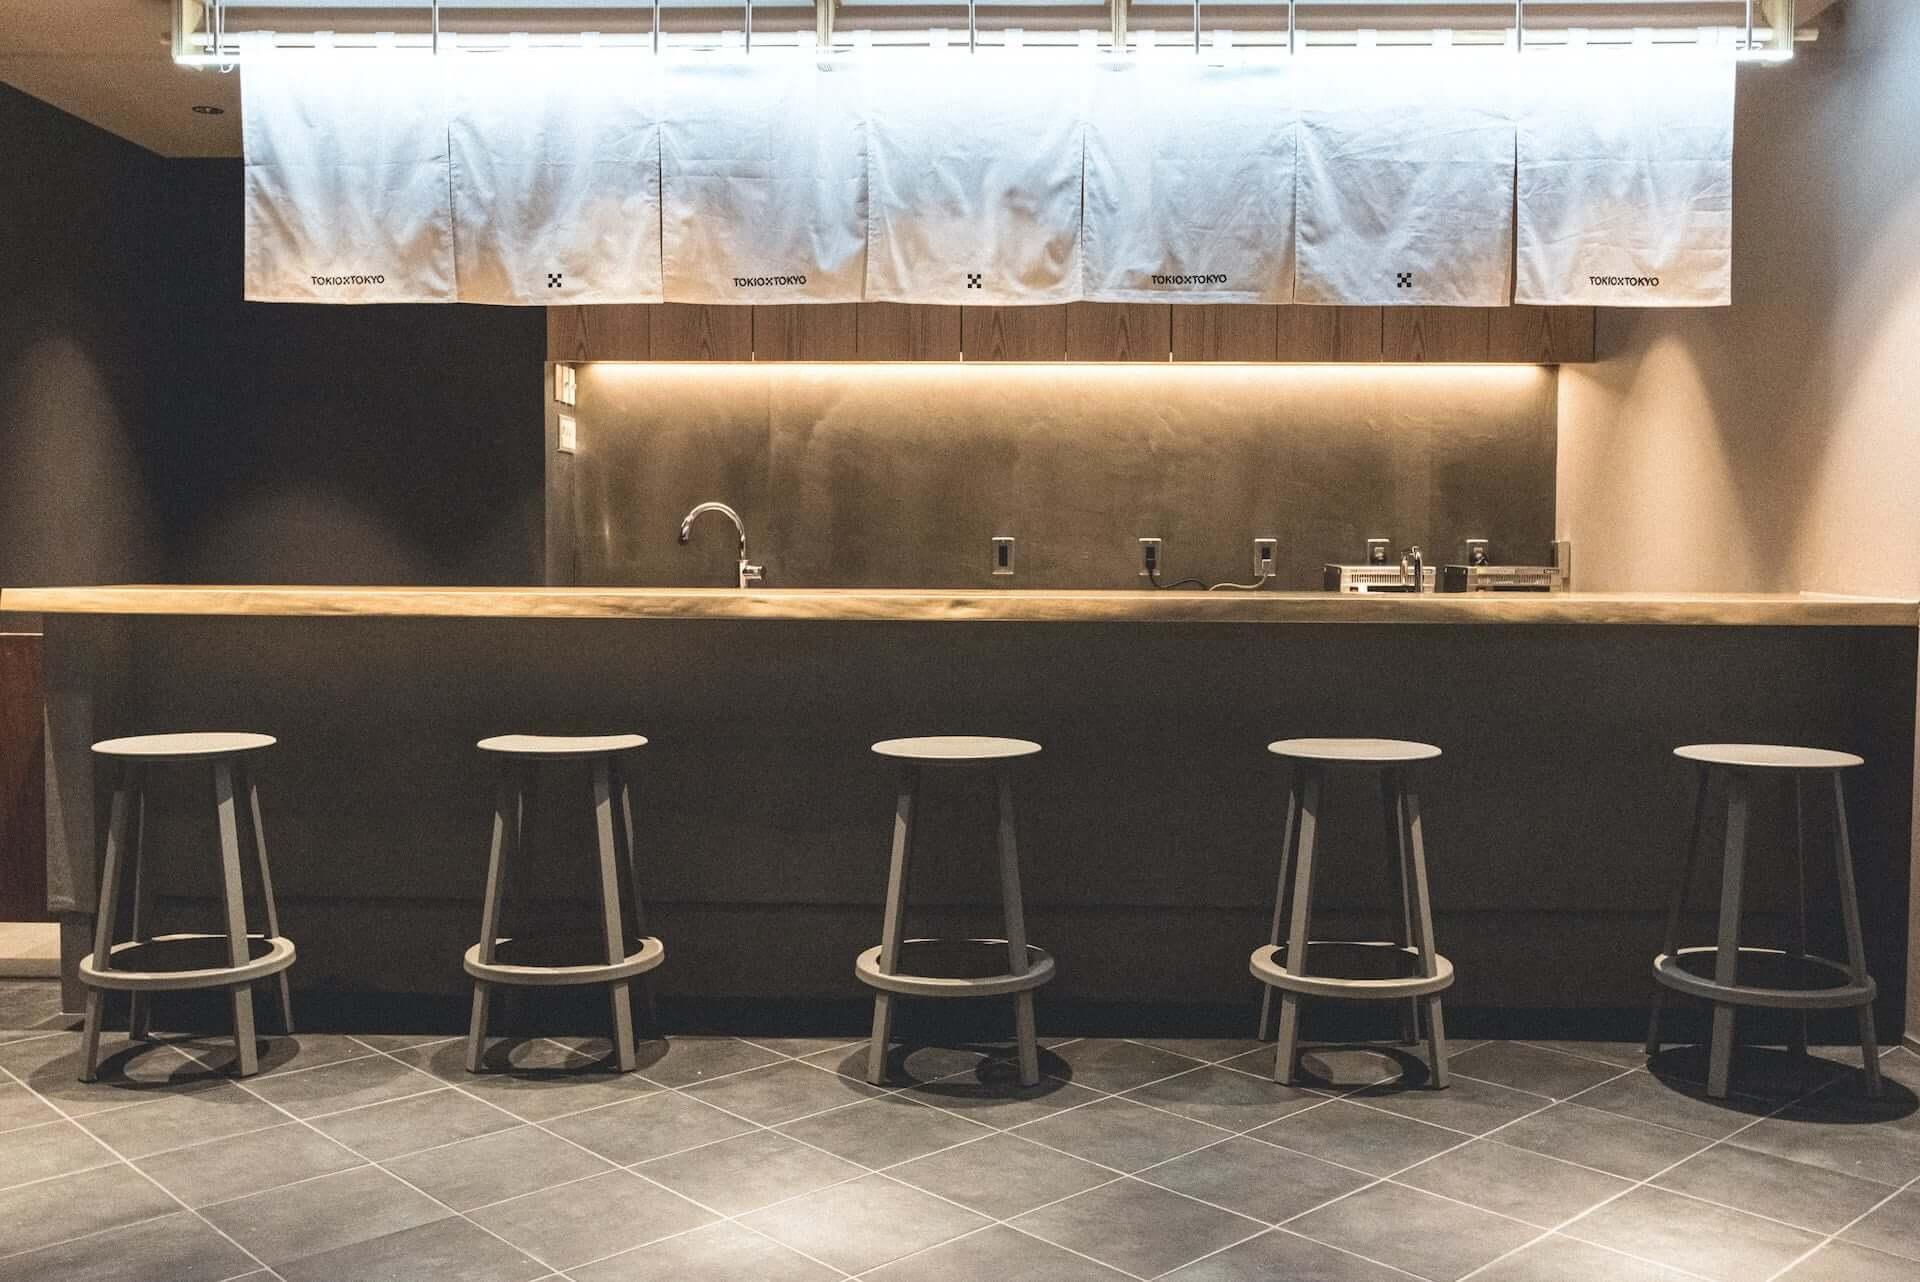 オーダーメイド型ライブハウス「TOKIO TOKYO」が渋谷に誕生!Dos Monos、Mom、Newspeak、BREIMENら出演のオープニングパーティーも実施 music210309_tokio-tokyo_17-1920x1282